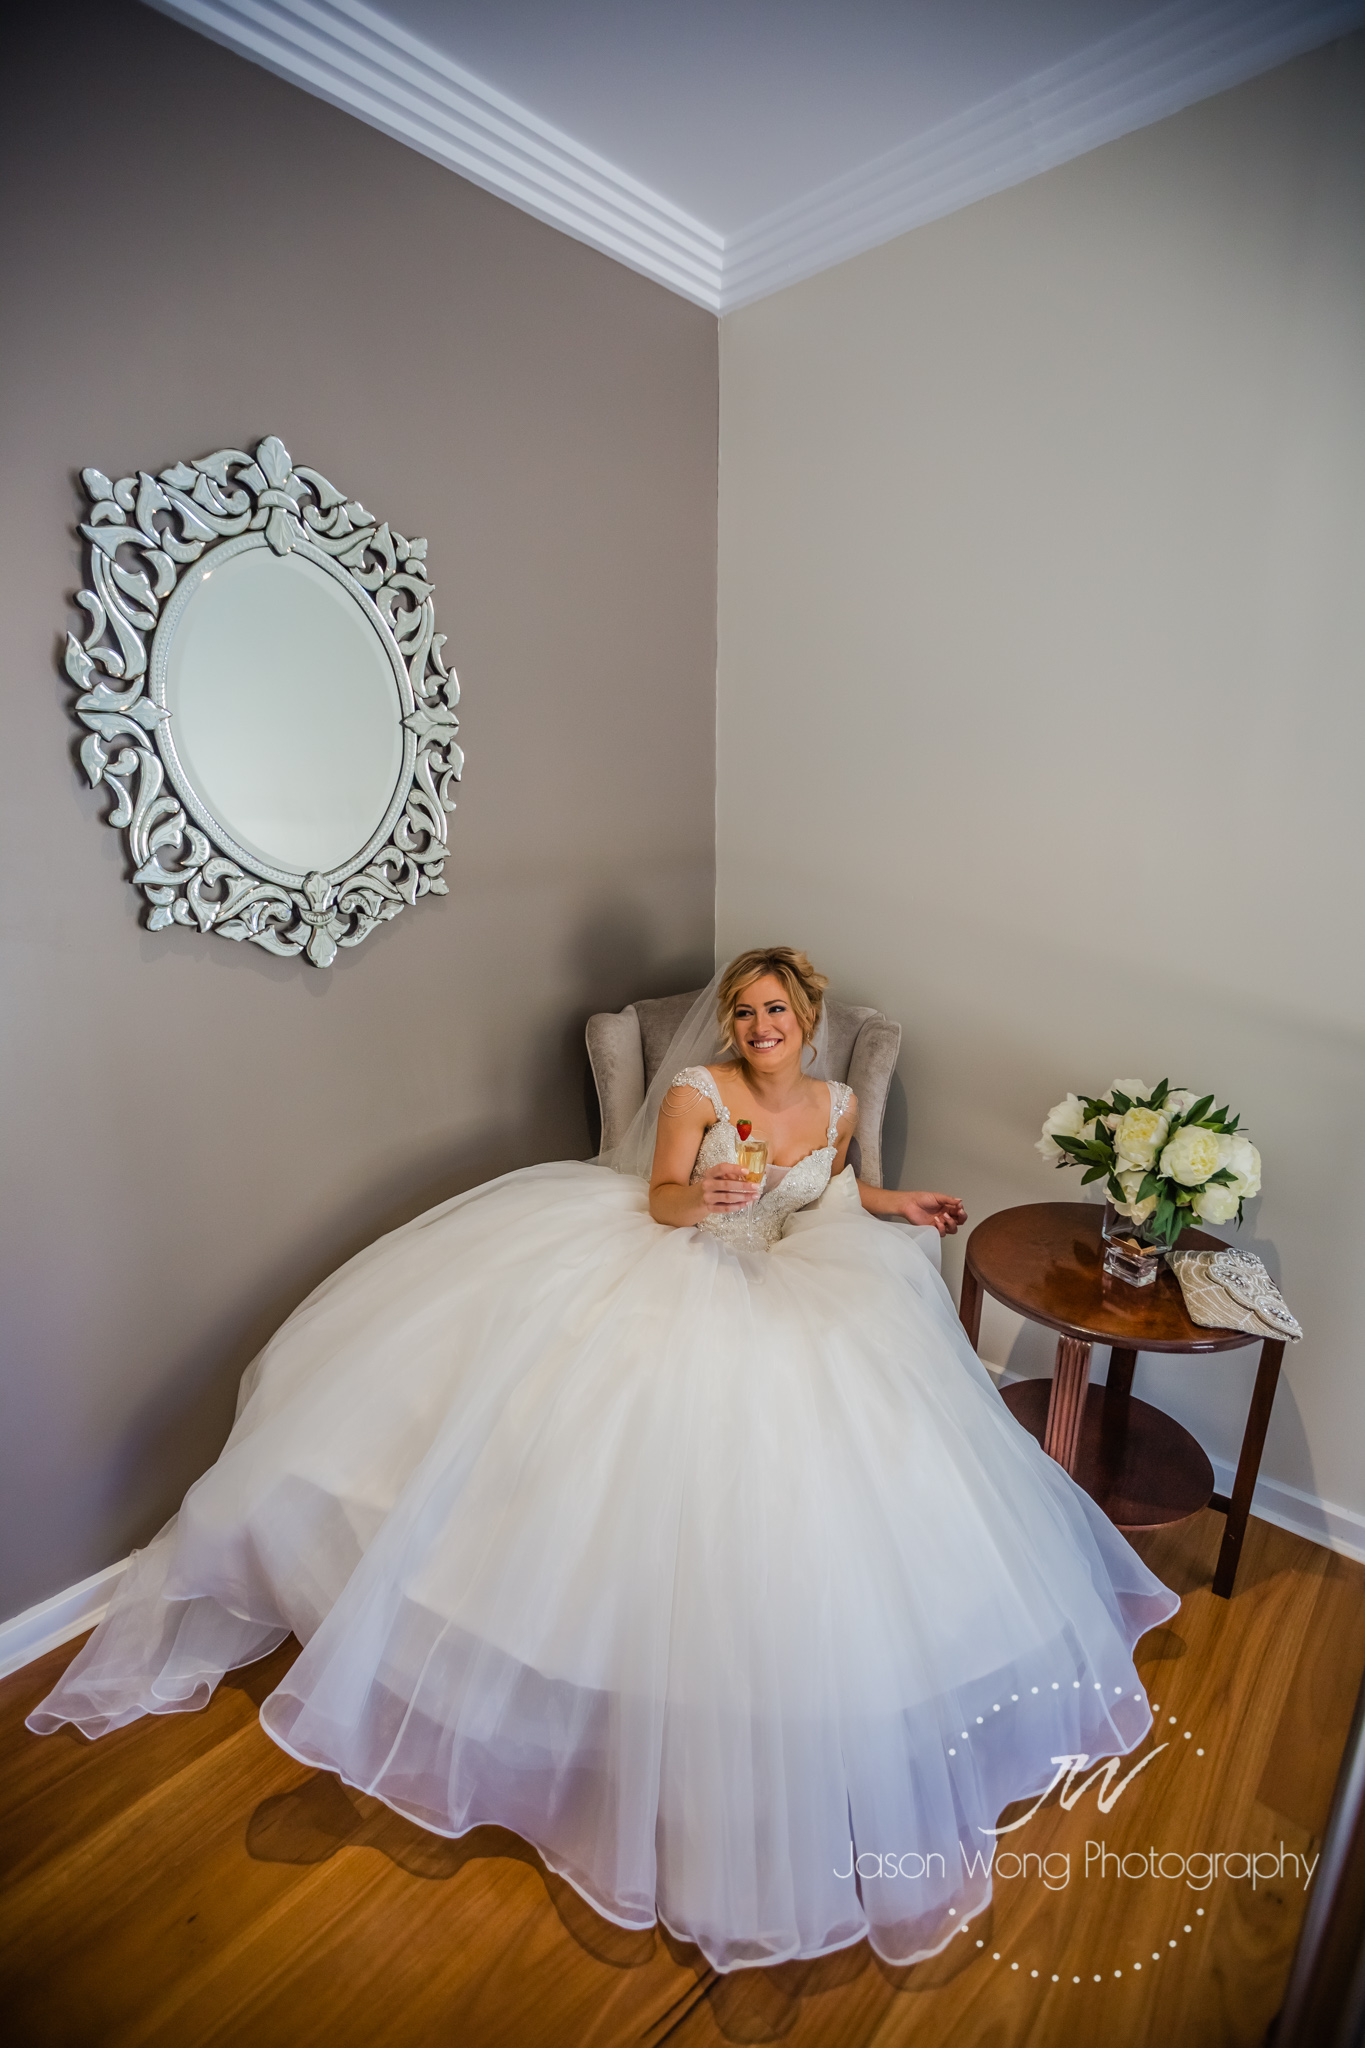 princess-looking-bride.jpg